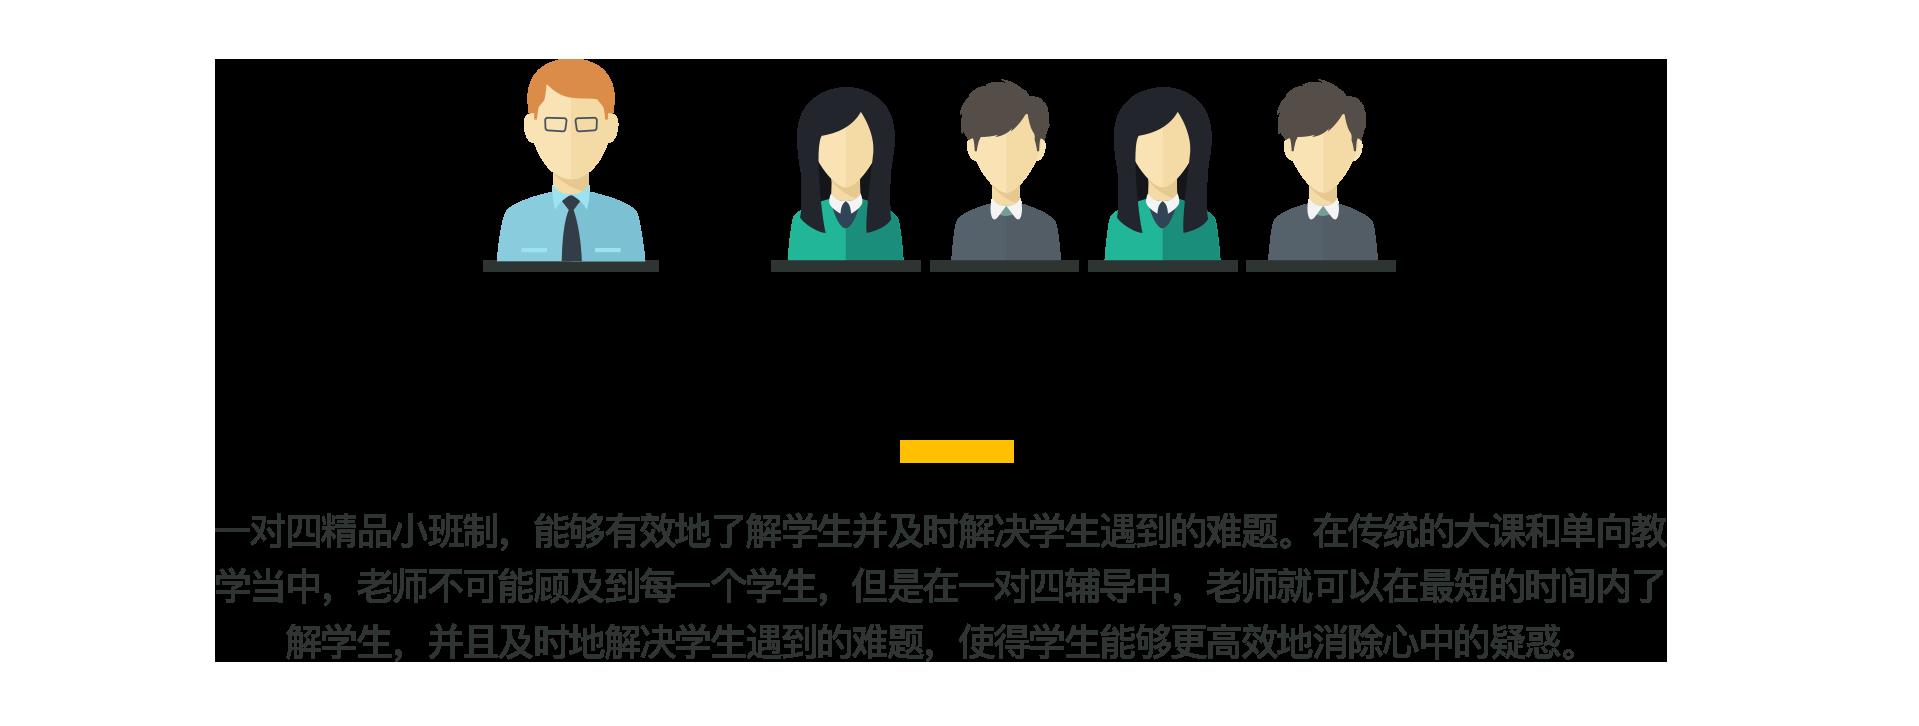 一对四授课:一对四精品小班制,能够有效地了解学生并及时解决学生遇到的难题。在传统的大课和单向教学当中,老师不可能顾及到每一个学生,但是在一对四辅导中,老师就可以在最短的时间内了解学生,并且及时地解决学生遇到的难题,使得学生能够更高效地消除心中的疑惑。